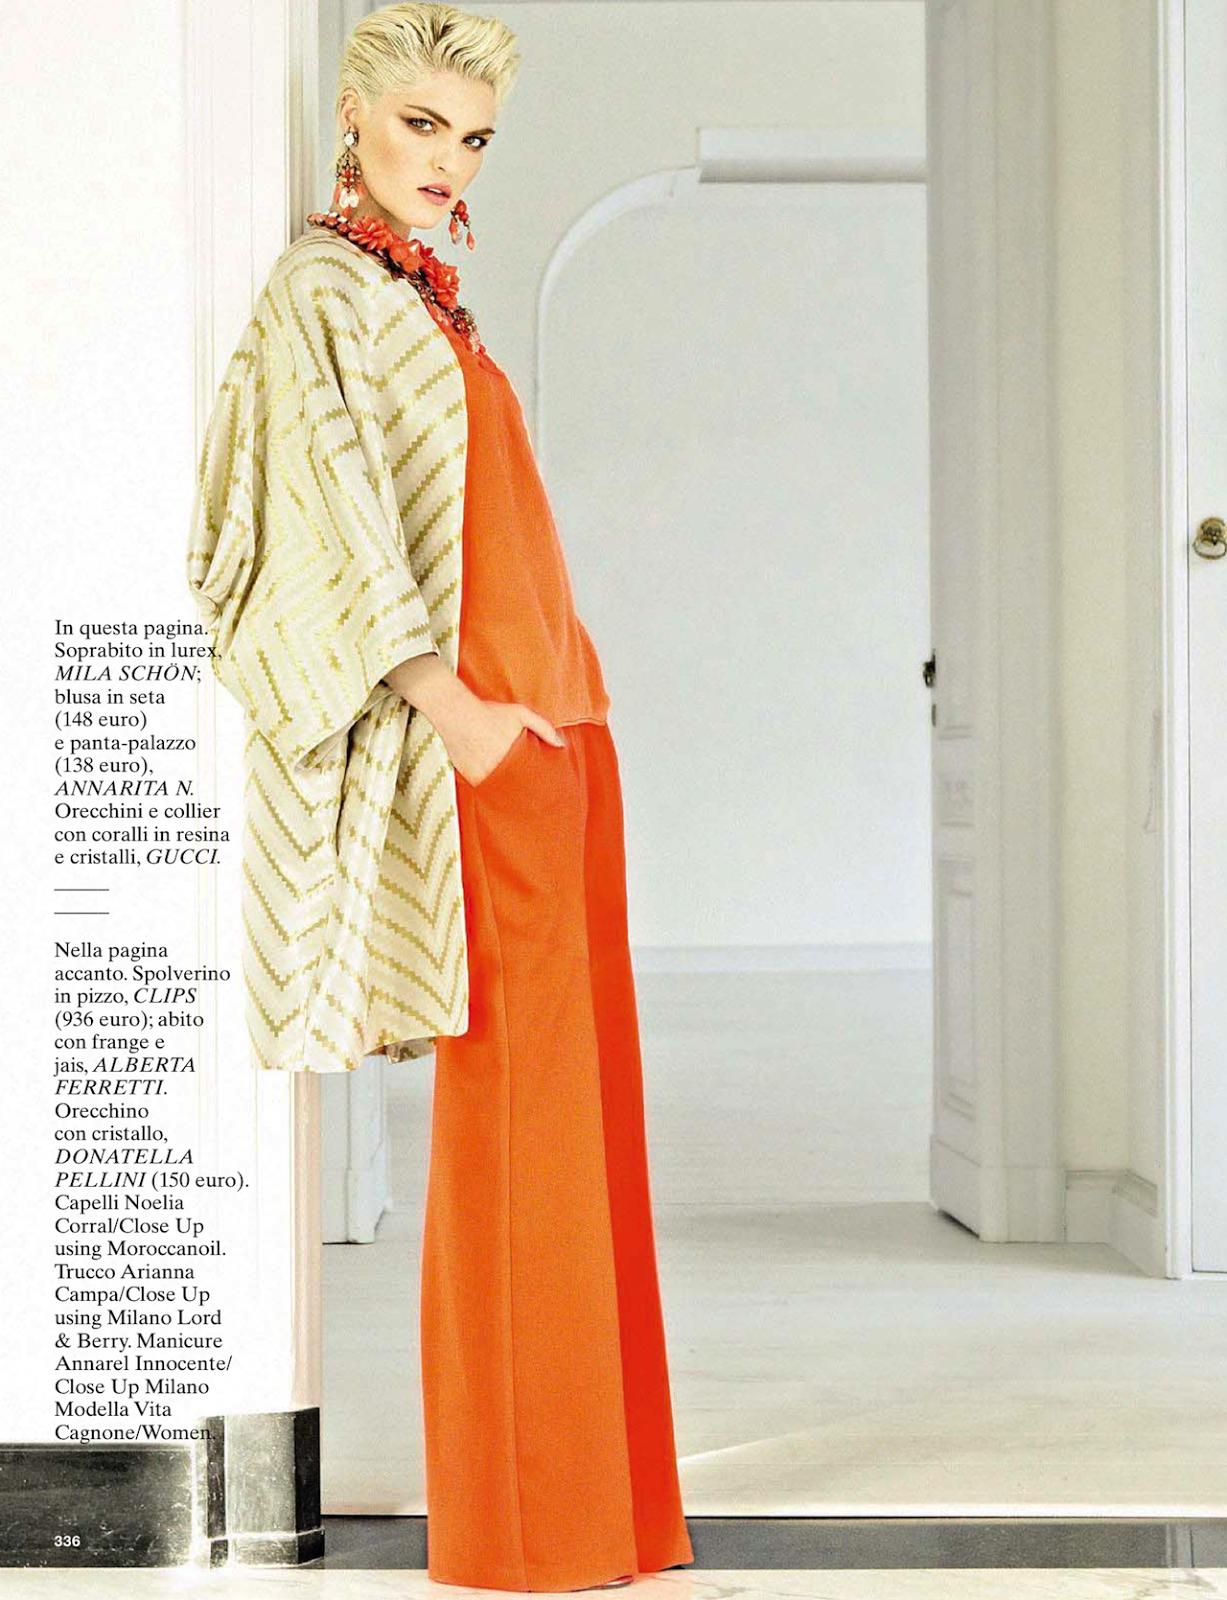 riviera: vita cagnone by lorenzo bringheli for glamour italia april 2013 | visual optimism; fashion editorials, shows, campaigns & more!